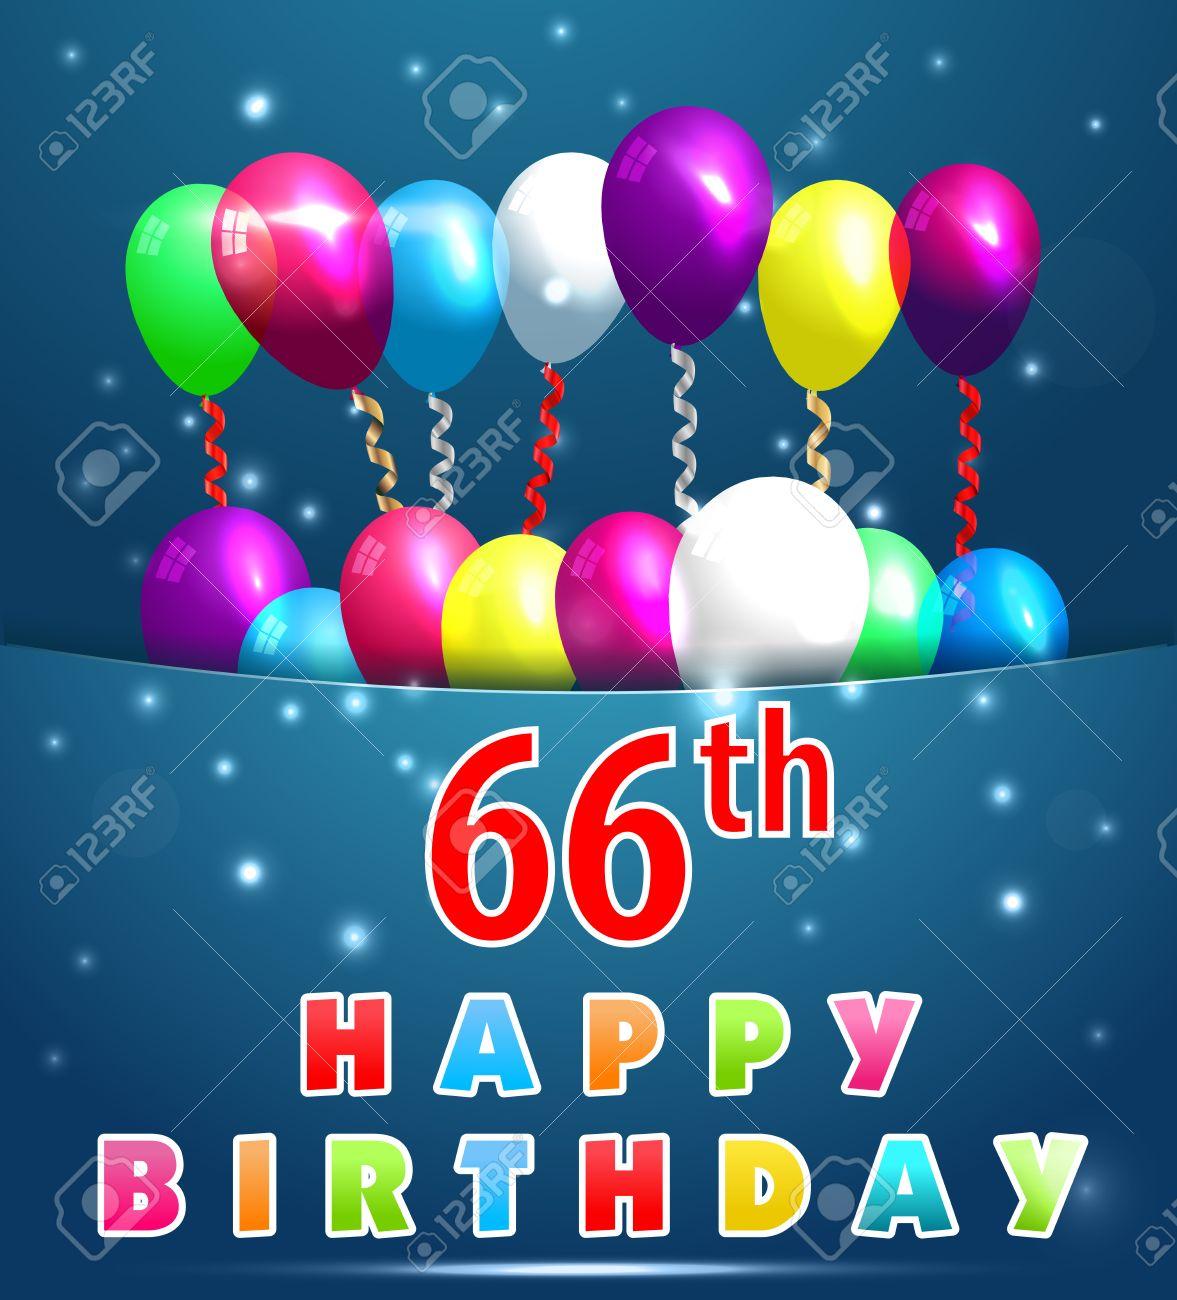 66 Jahre Alles Gute Zum Geburtstag Karte Mit Luftballons Und Bändern